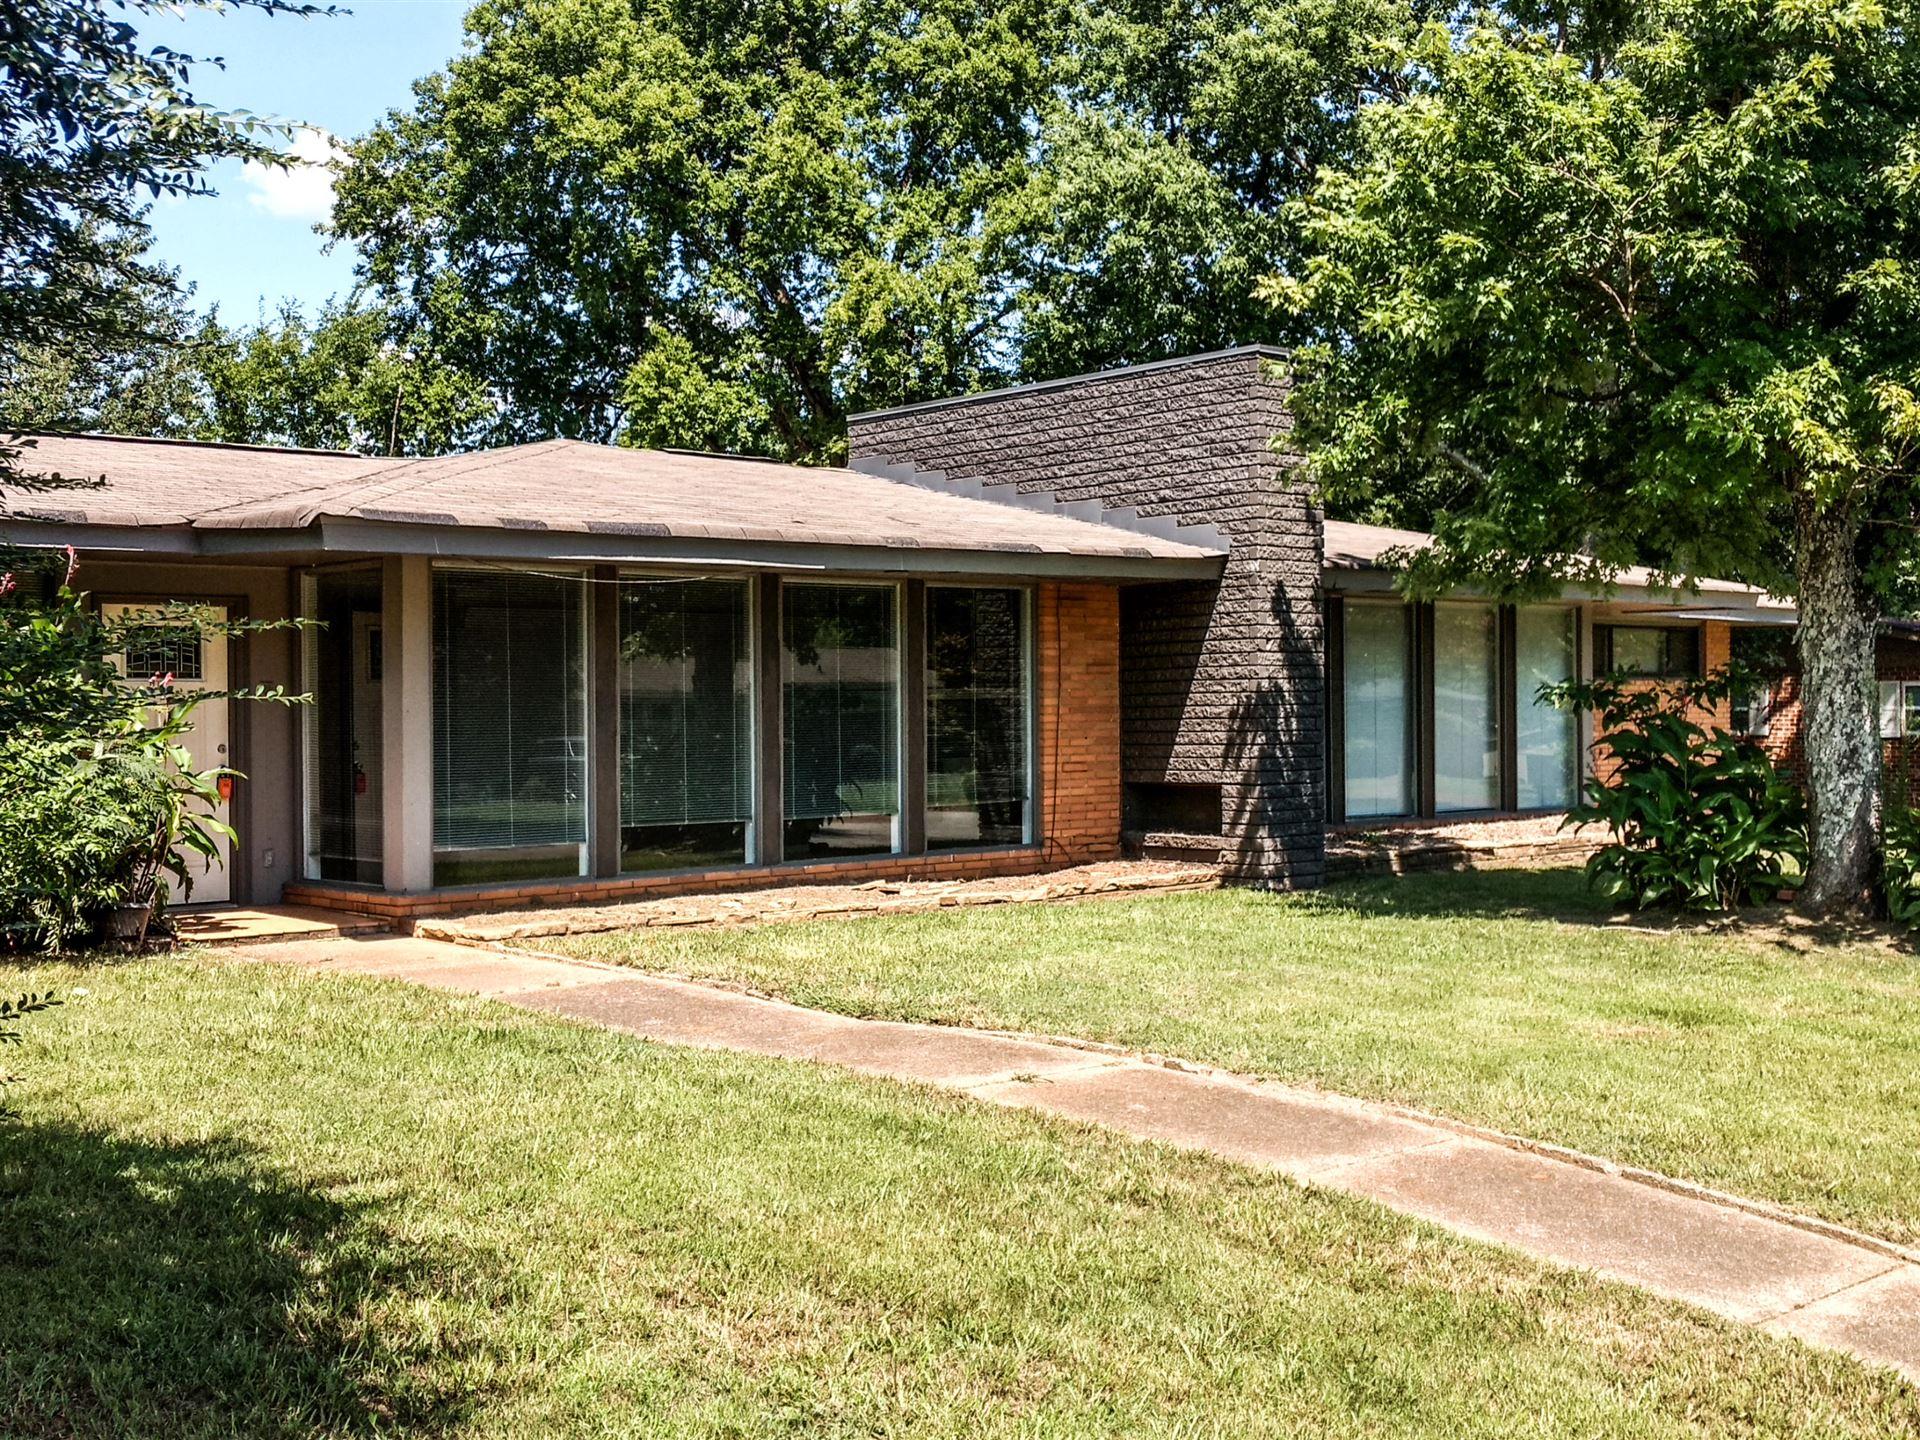 6809 Gayda Ln, Chattanooga, TN 37421 - MLS#: 1323926